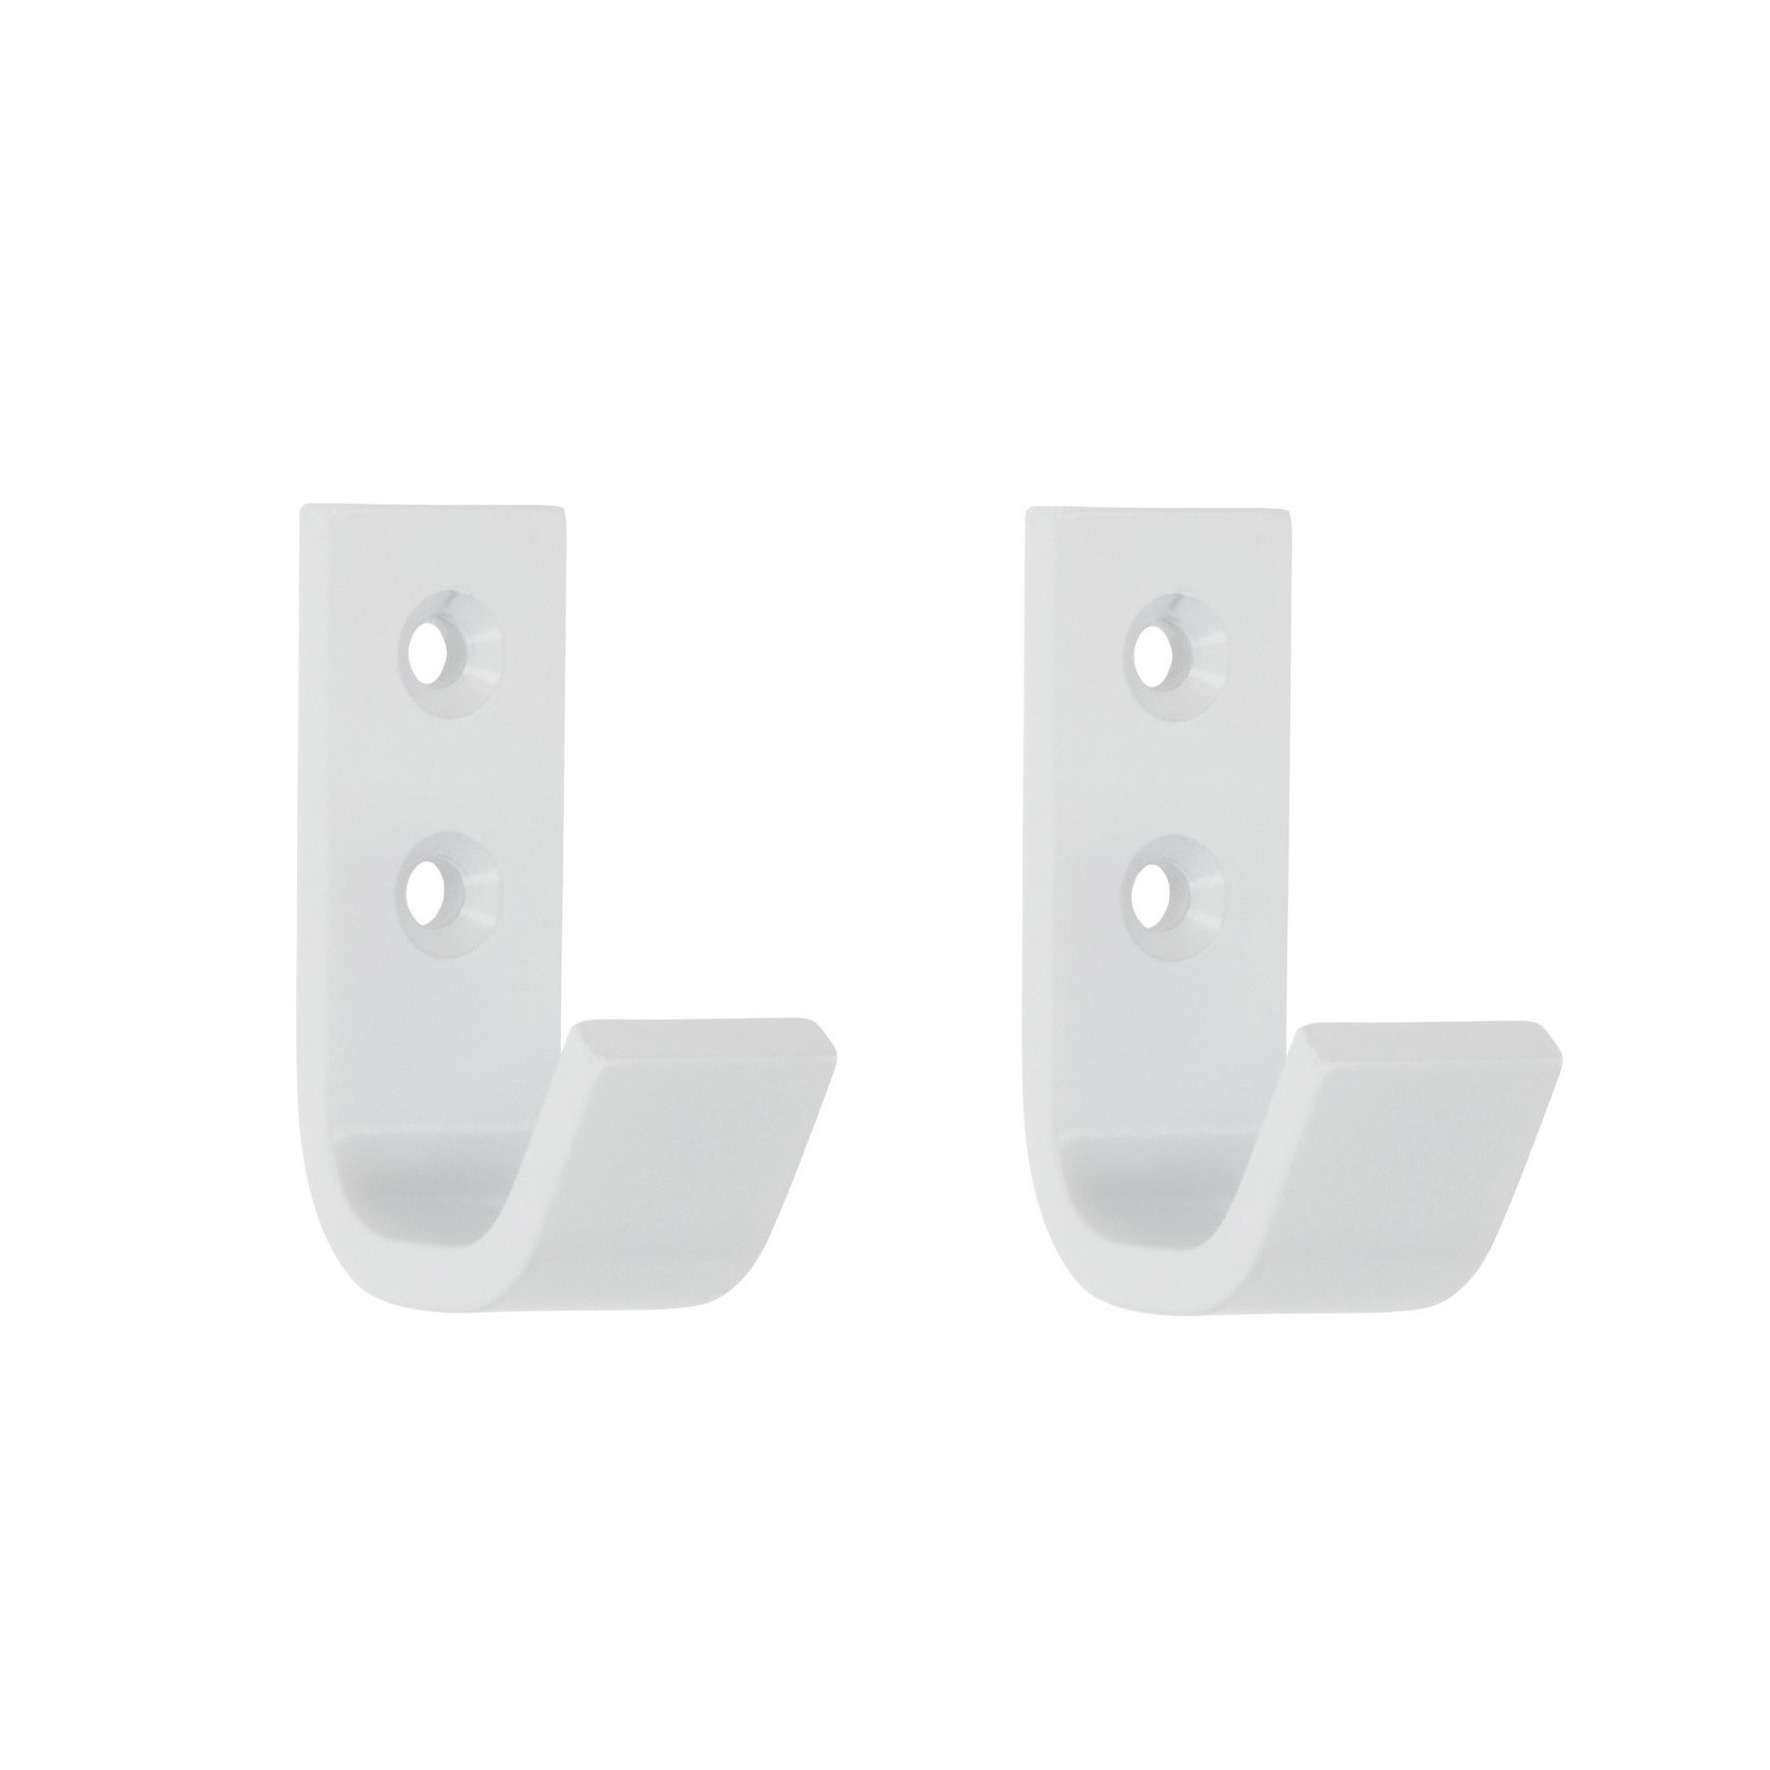 4x Luxe witte garderobe haakjes-jashaken-kapstokhaakjes hoogwaardig aluminium 5,4 x 3,7 cm